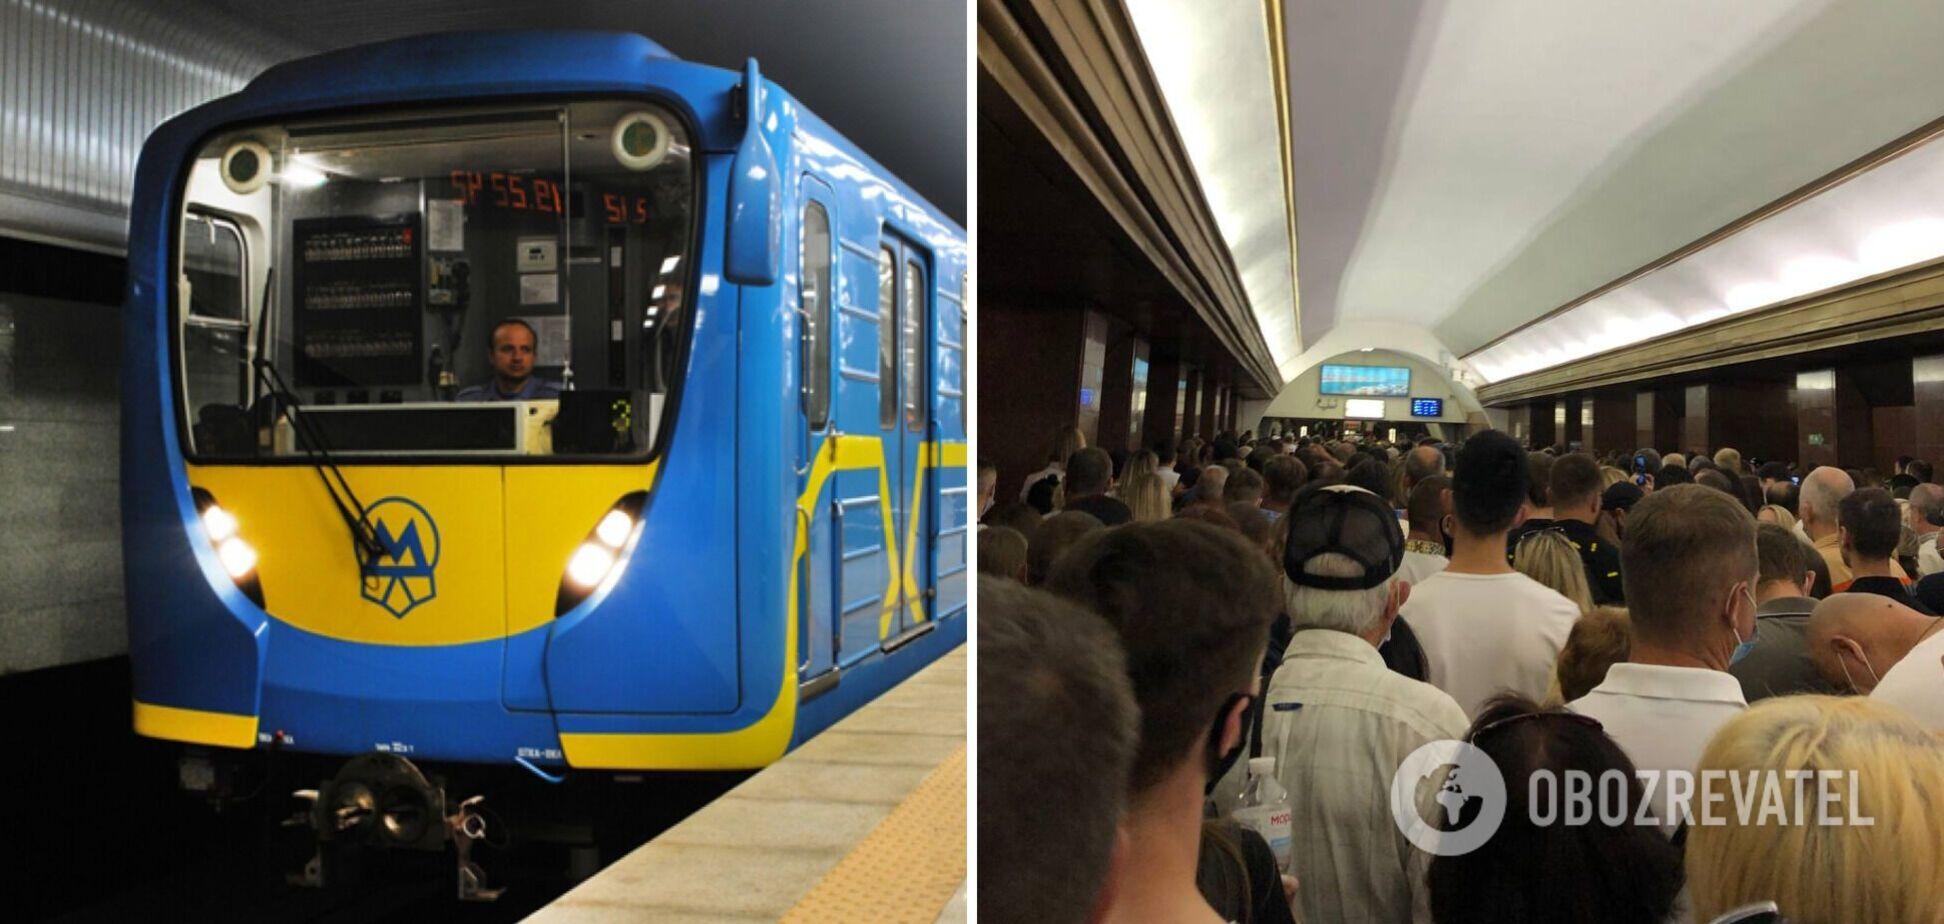 В Киеве возникла давка в метро: люди торопились попасть на военный парад. Фото и видео